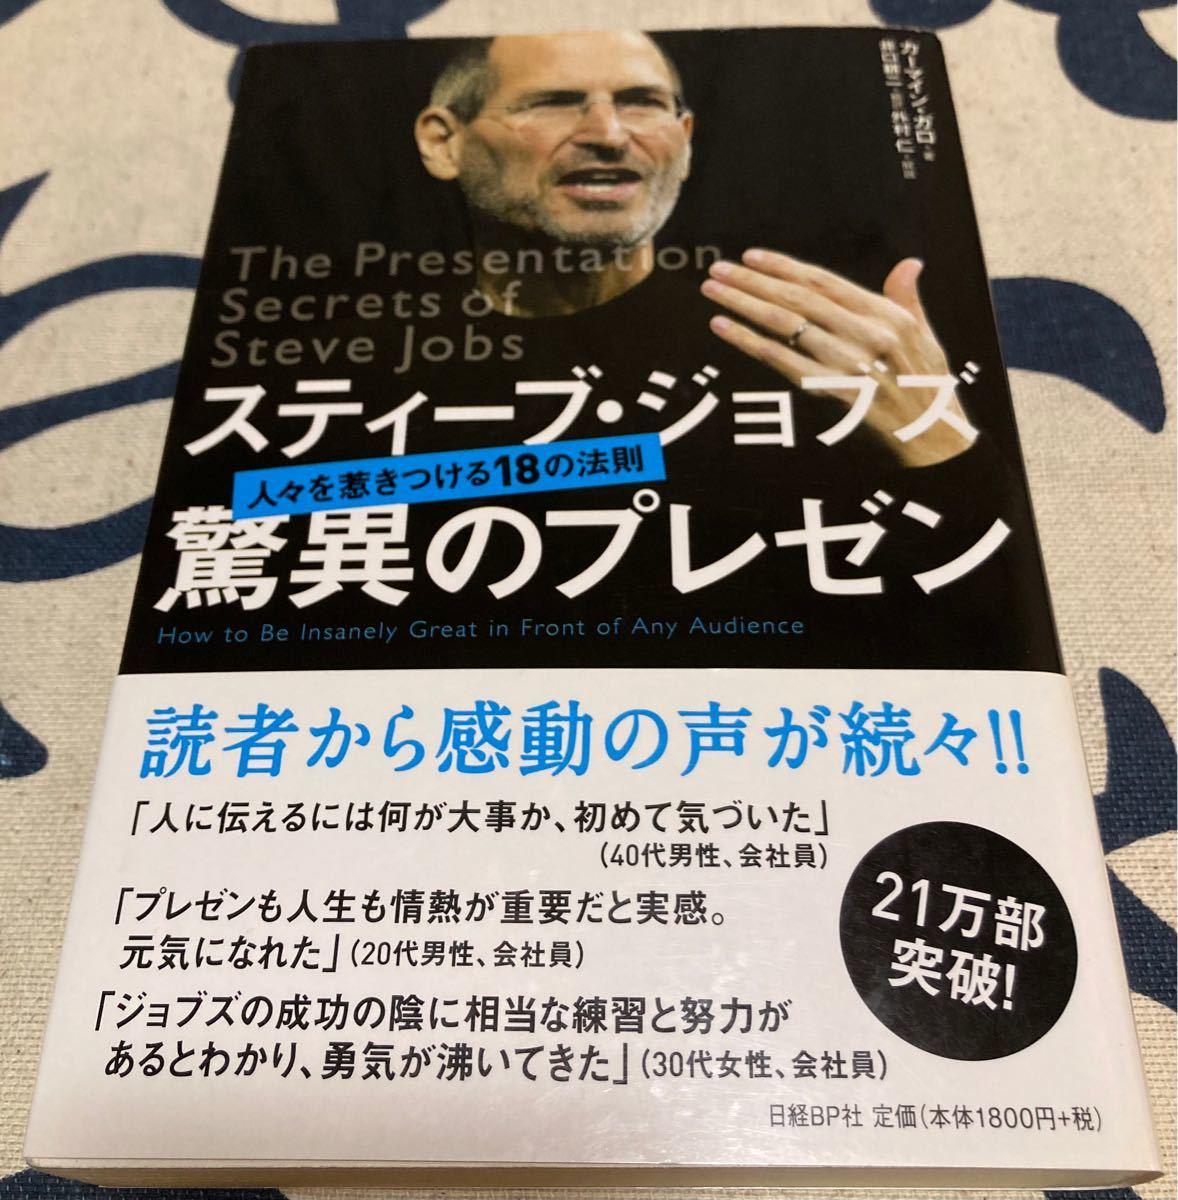 【帯付き】スティーブ・ジョブズ驚異のプレゼン    / 9784822248161 / 出版社-日経BP社